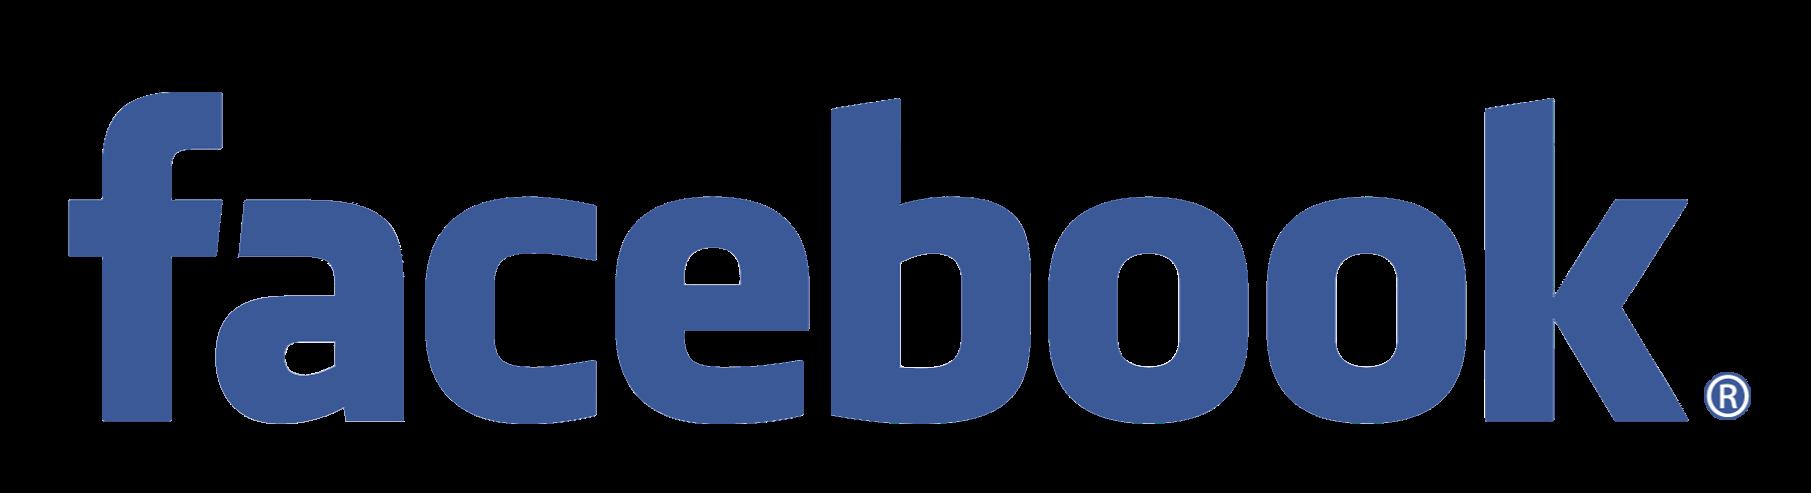 facebook-logoimage-facebook-logopng-moshi-monsters-wiki-dmua0wep1